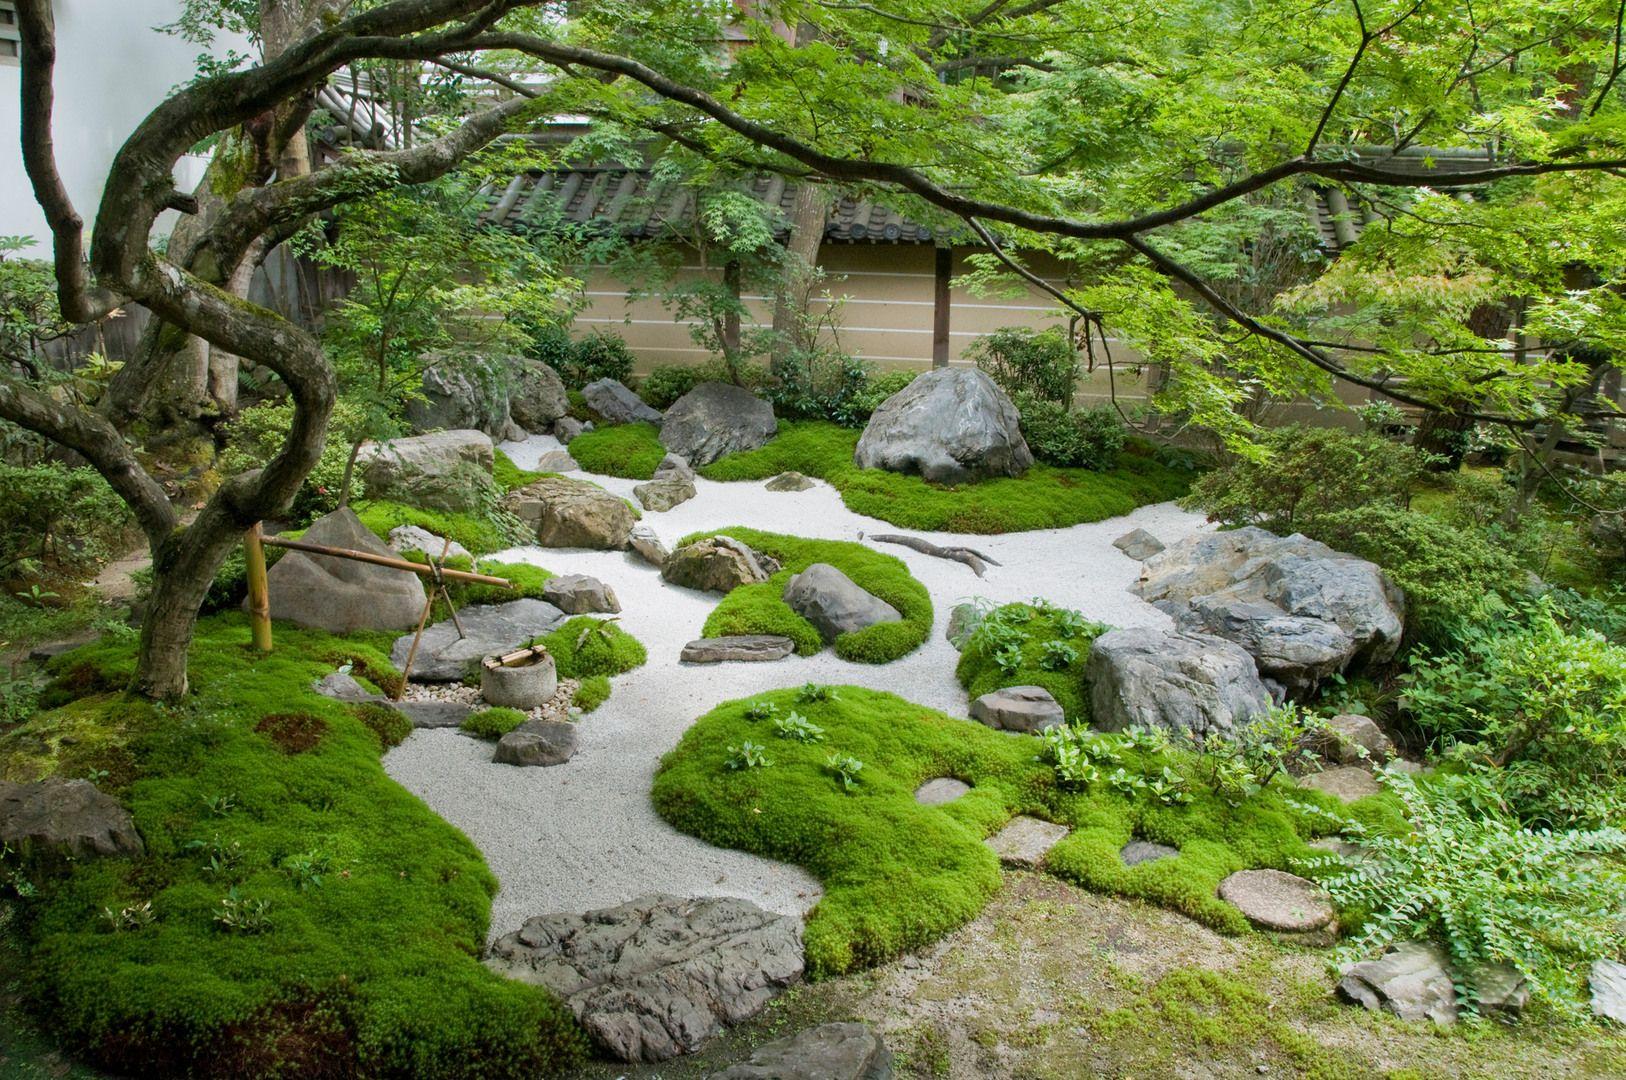 DRY GARDEN, EIKANDO ZERINJI, KYOTO These gardens